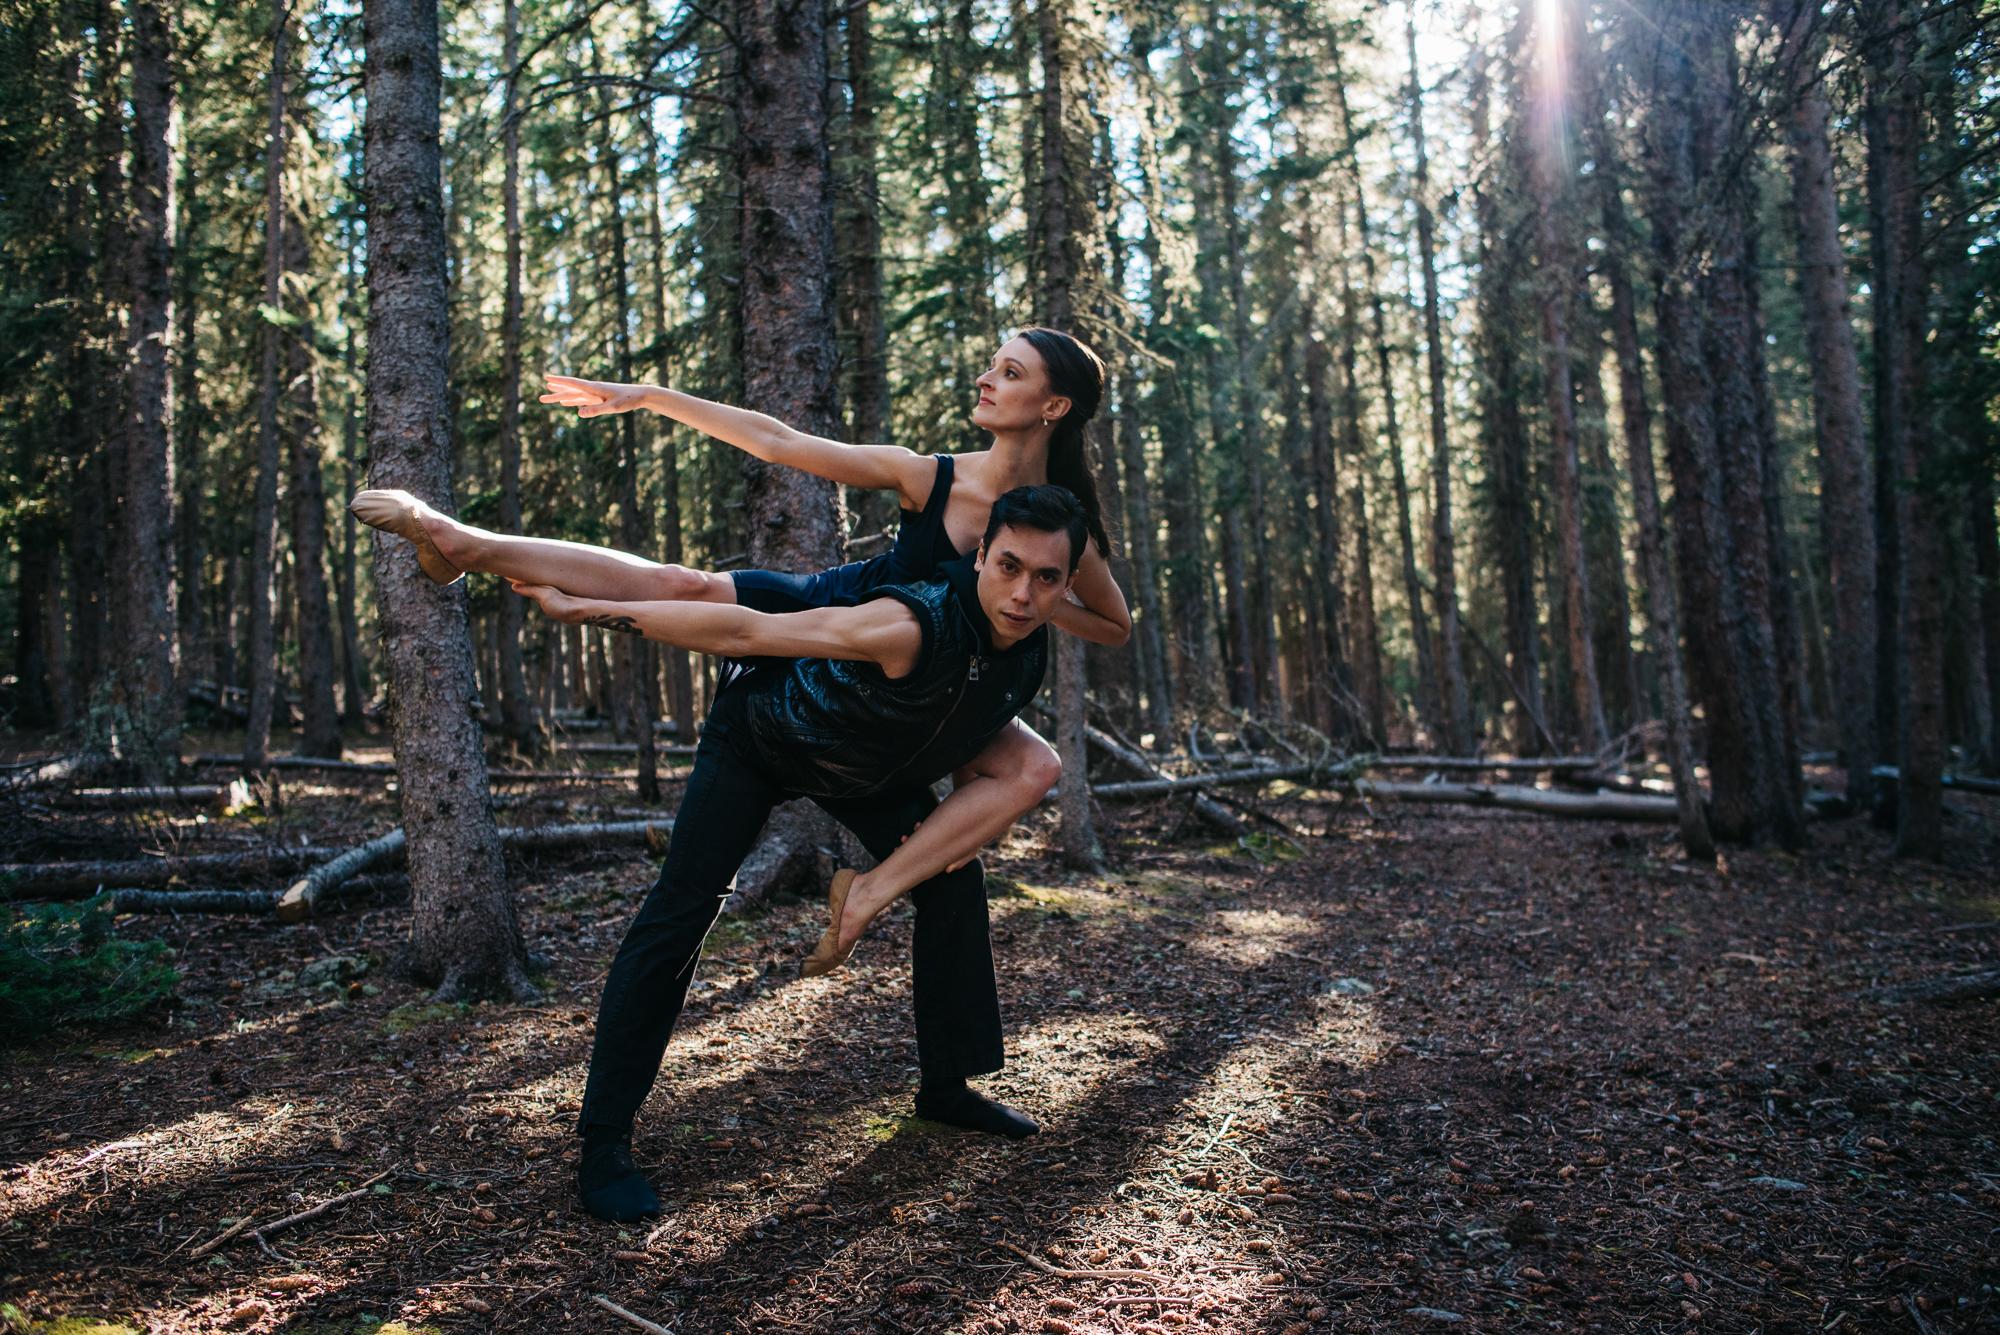 37-colorado-ballet-photographer-colorado-yoga-photographer-colorado-dance-photographer-denver-dance-photographer-denver-yoga-photographer-traveling-dance-photographerballet-photograph-pas-de-deux-kevin&sara-121.jpg